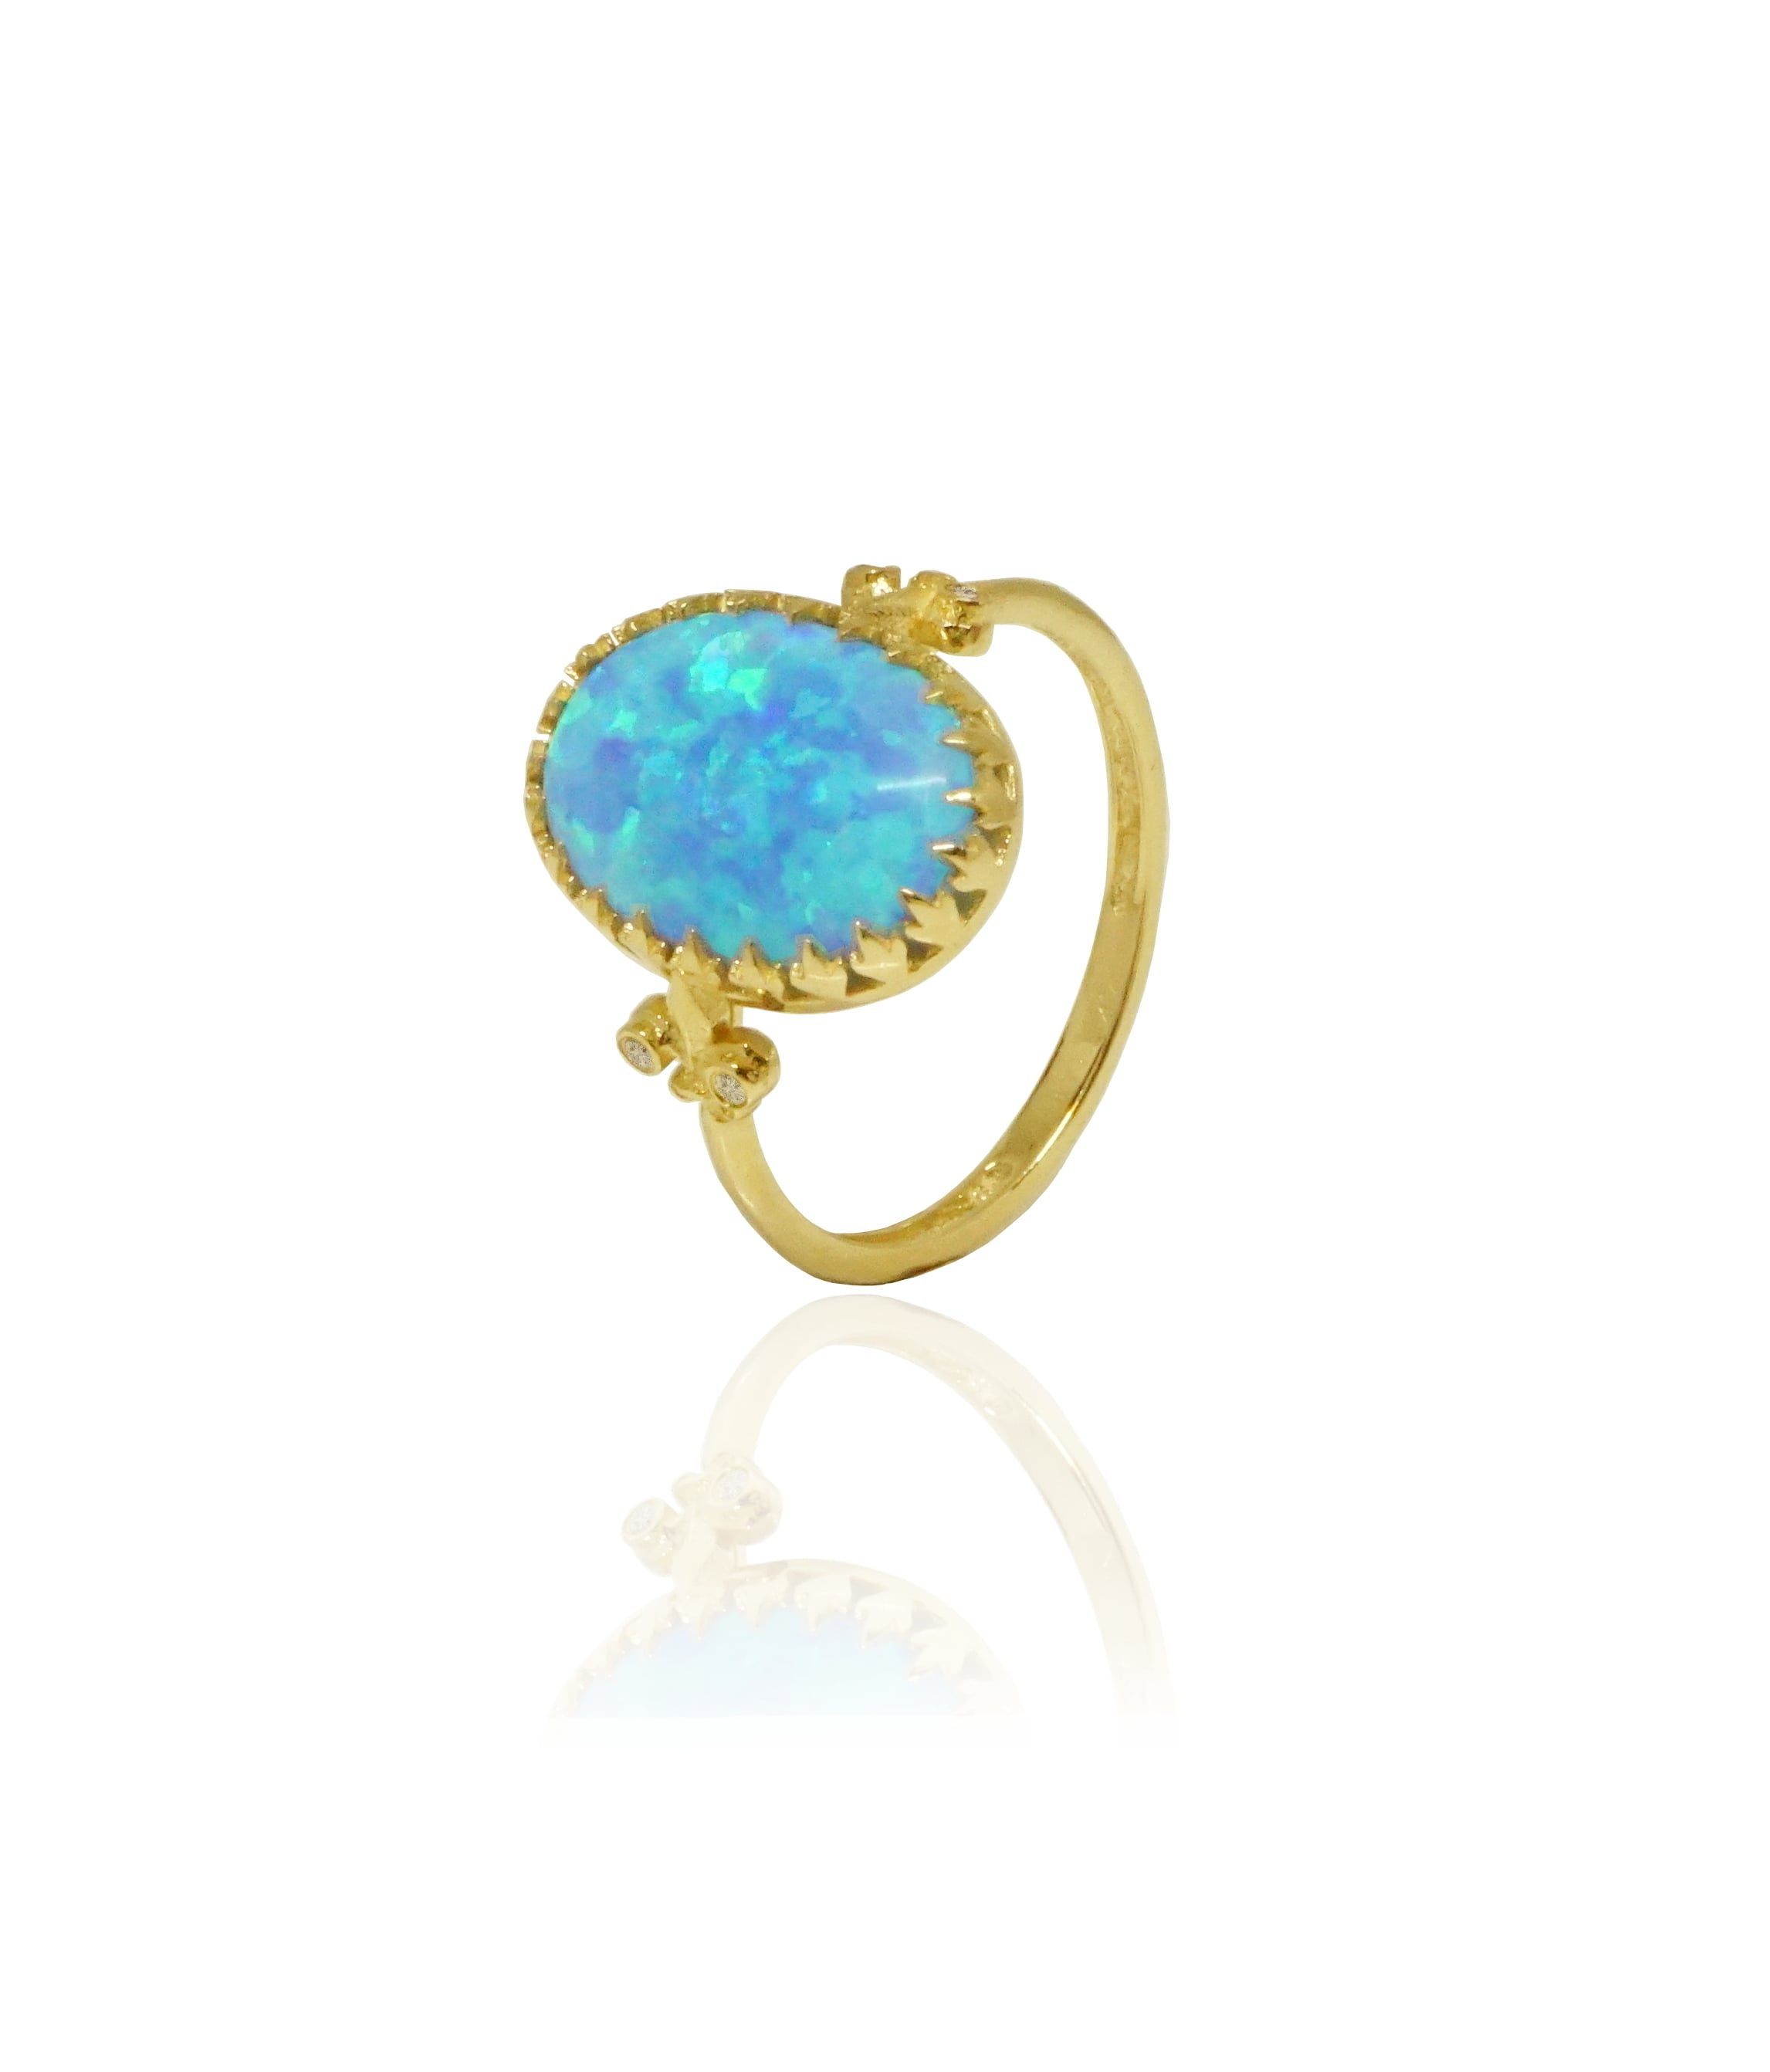 טבעת זהב בחיתוך אליפסה משובצת יהלומים ואבן אופל כחולה